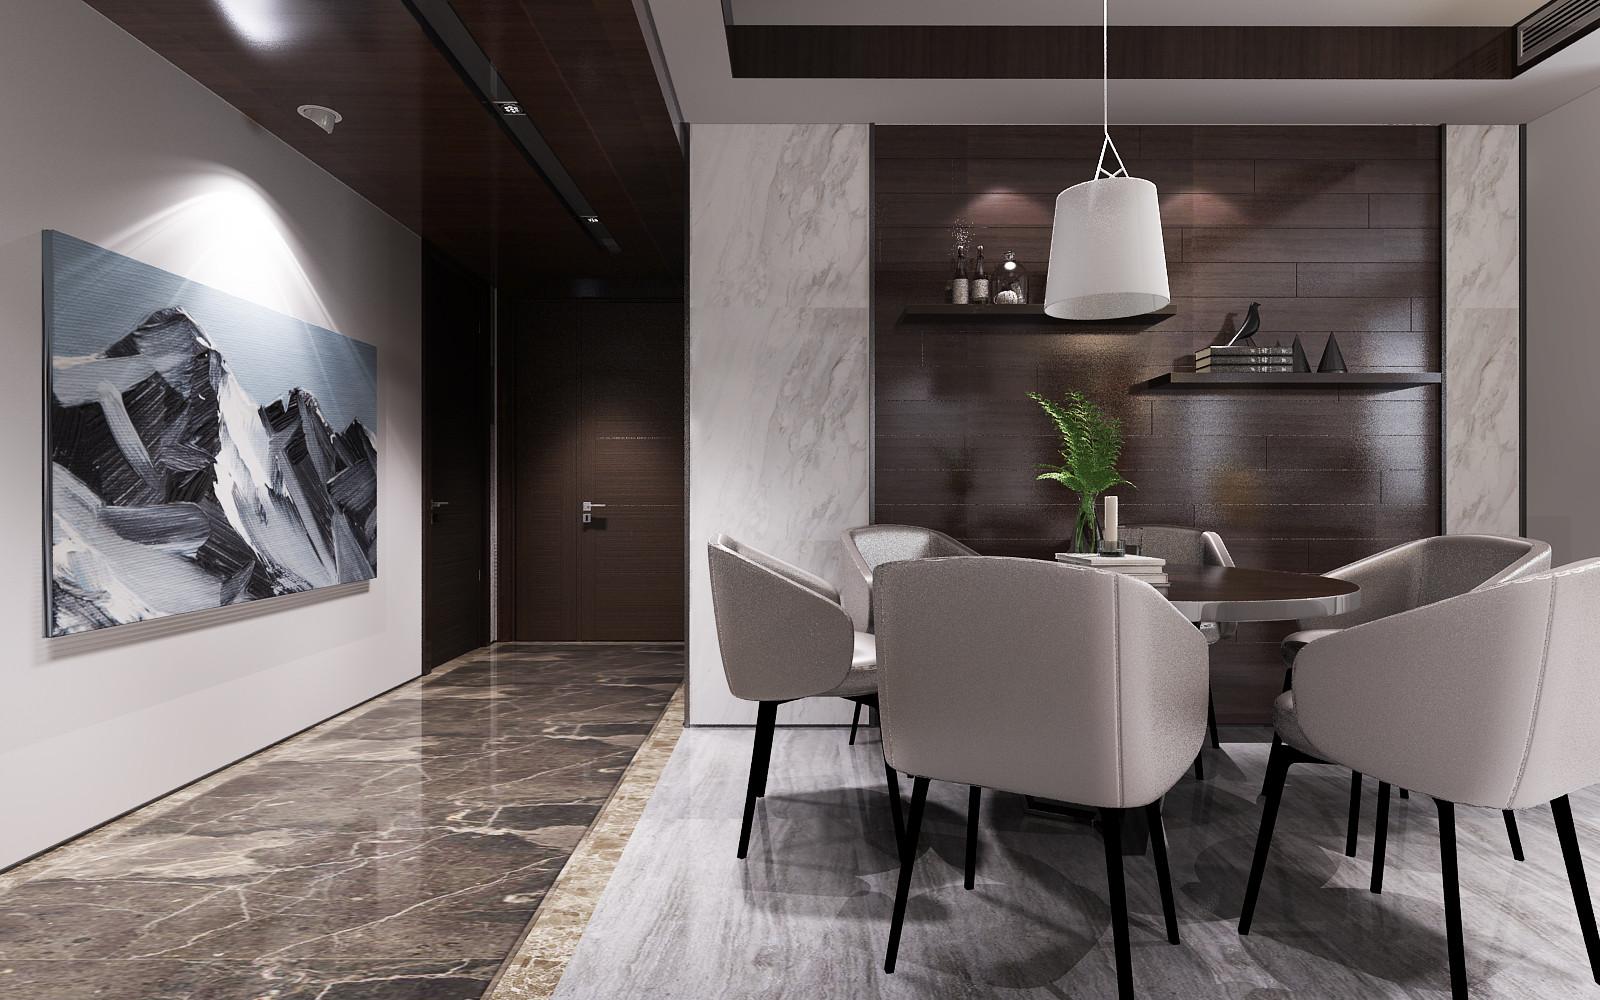 黑白灰调现代风格装修餐厅背景墙图片